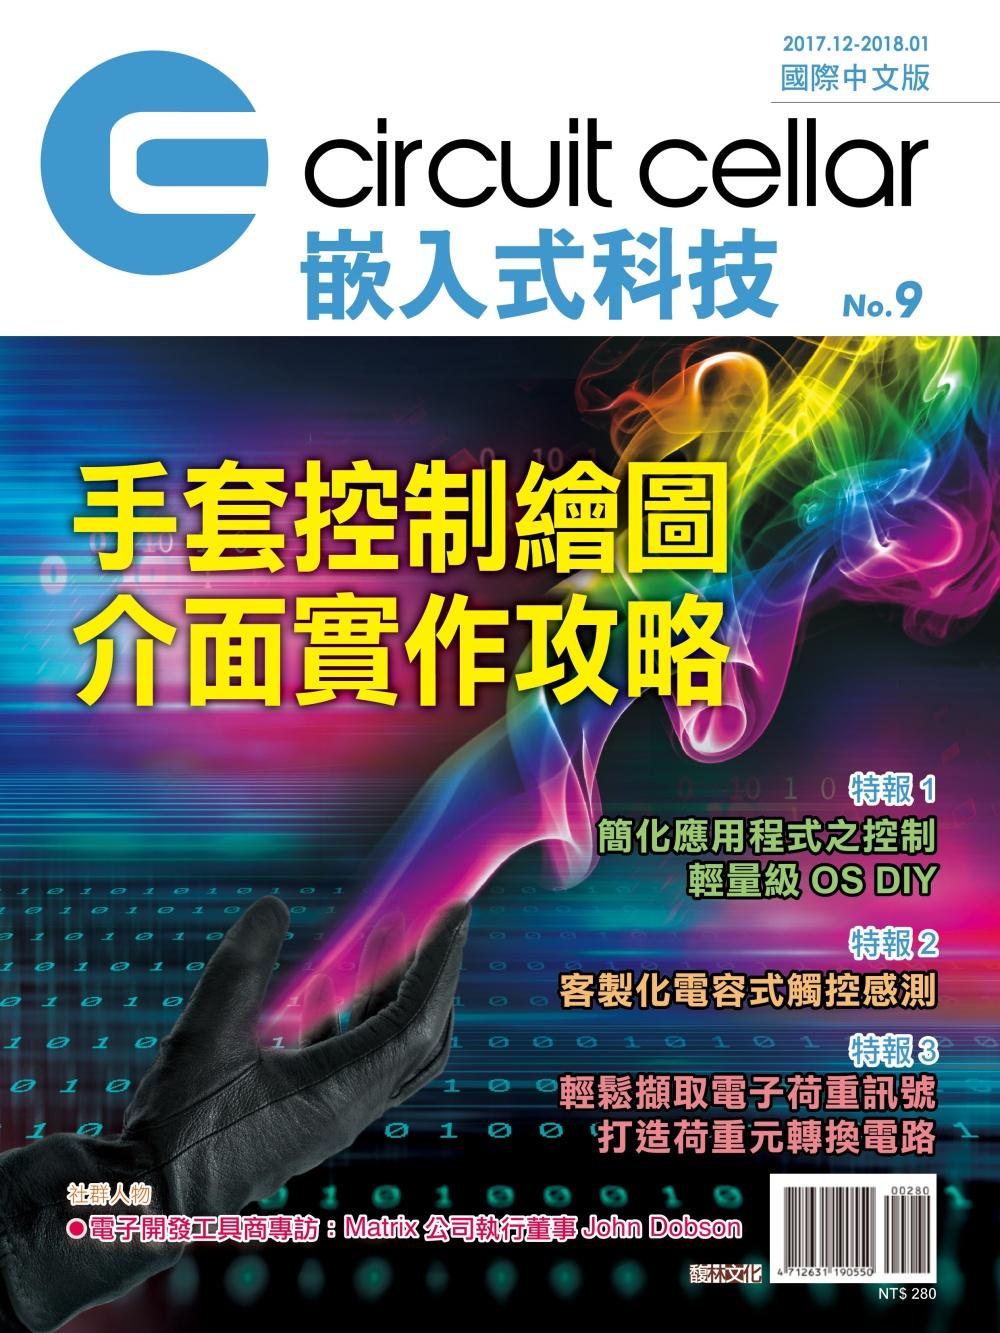 ◤博客來BOOKS◢ 暢銷書榜《推薦》Circuit Cellar嵌入式科技 國際中文版 No.9